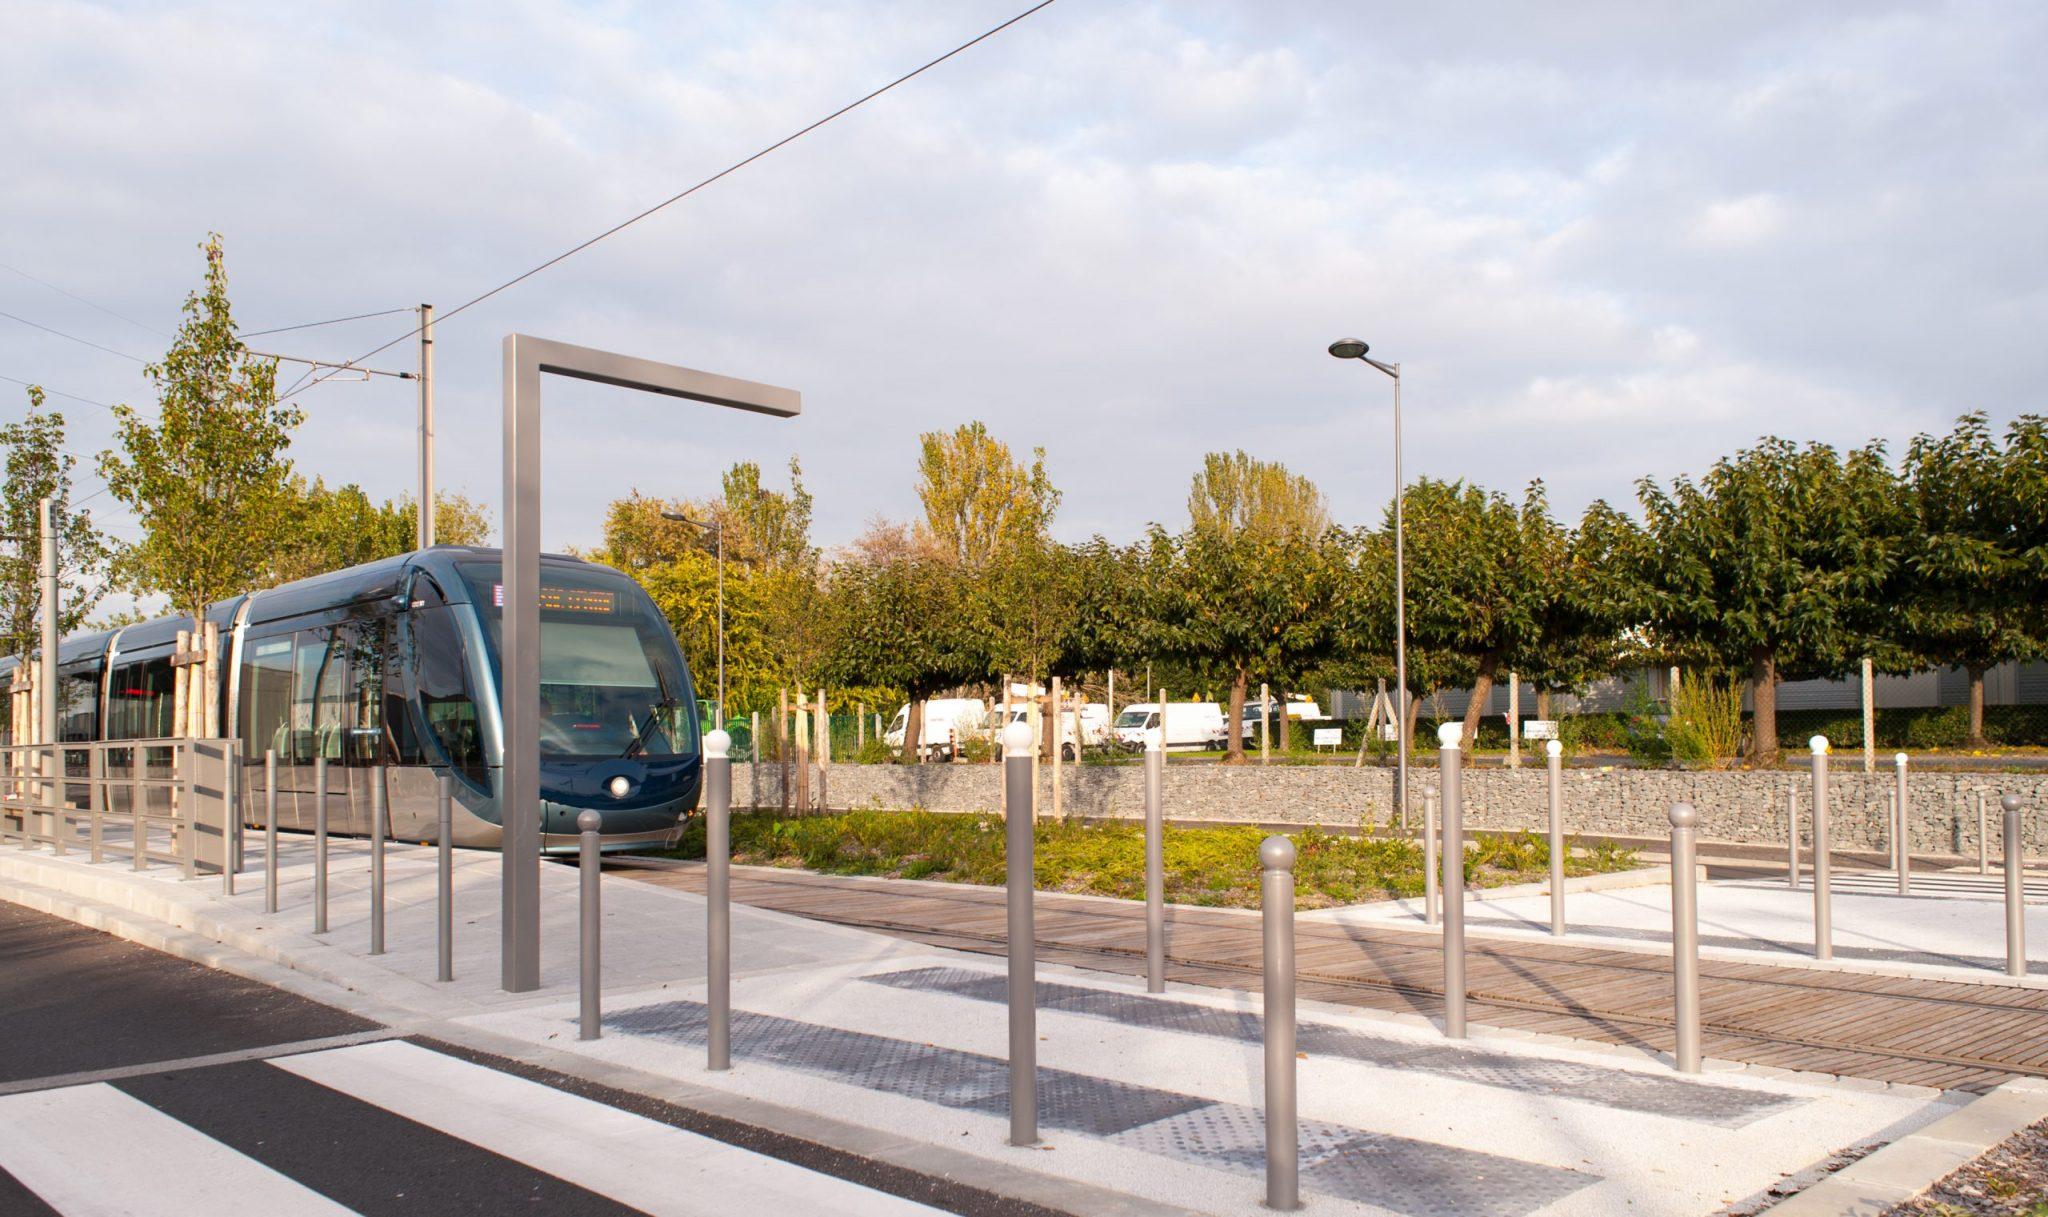 Proville mobilier urbain Phase 3 du tramway de la CUB